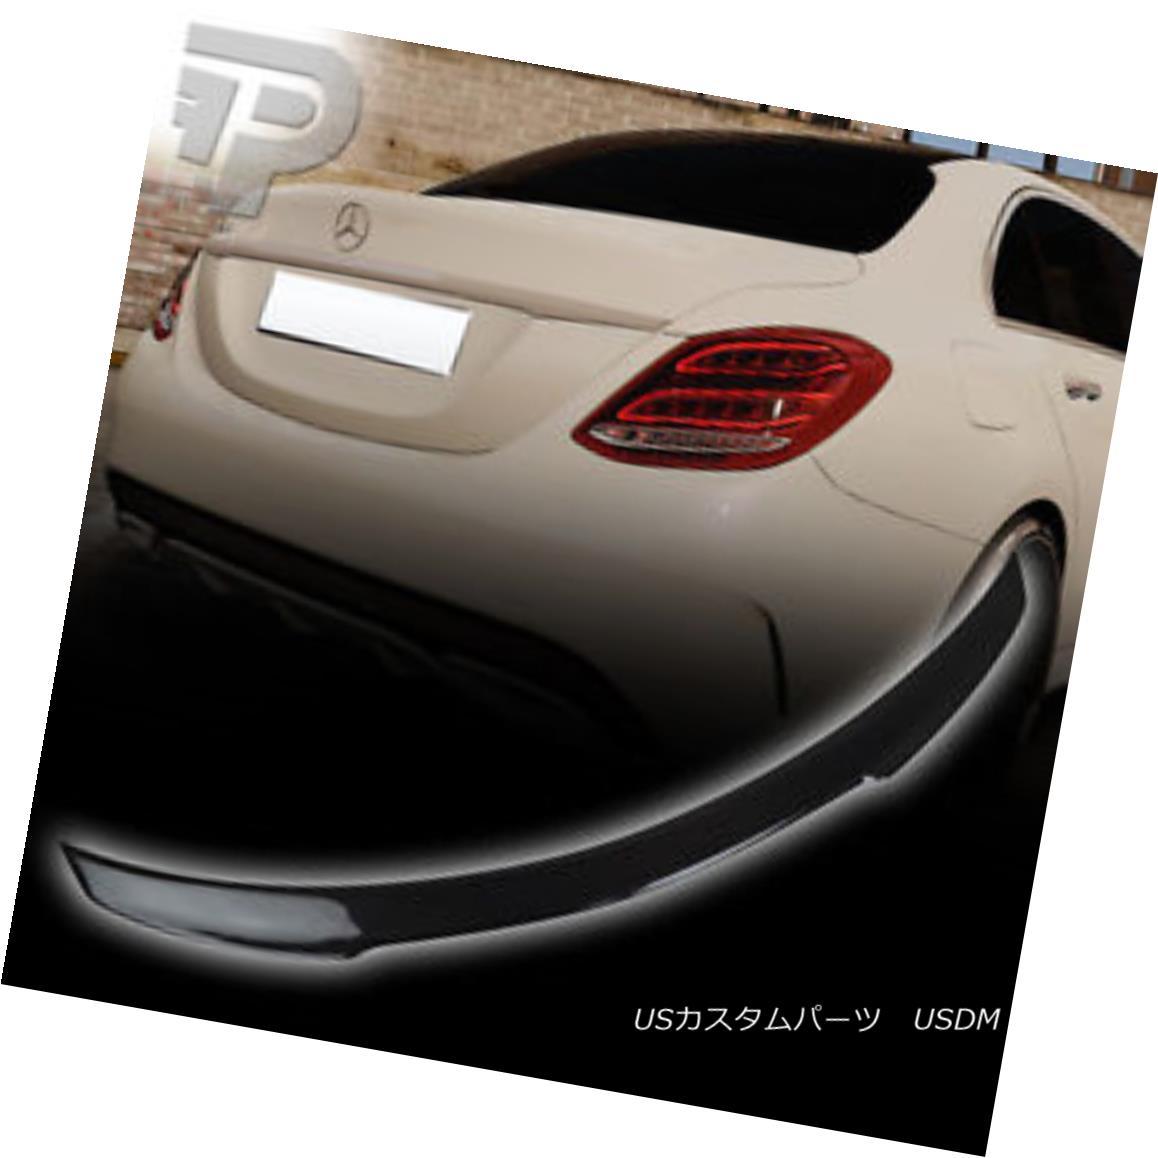 エアロパーツ Carbon Fiber Mercedes BENZ C CLASS W205 V-TYPE REAR TRUNK SPOILER WING SEDAN▼ 炭素繊維メルセデスベンツCクラスW205 V型後部トランクスポイラーウイングセダン?